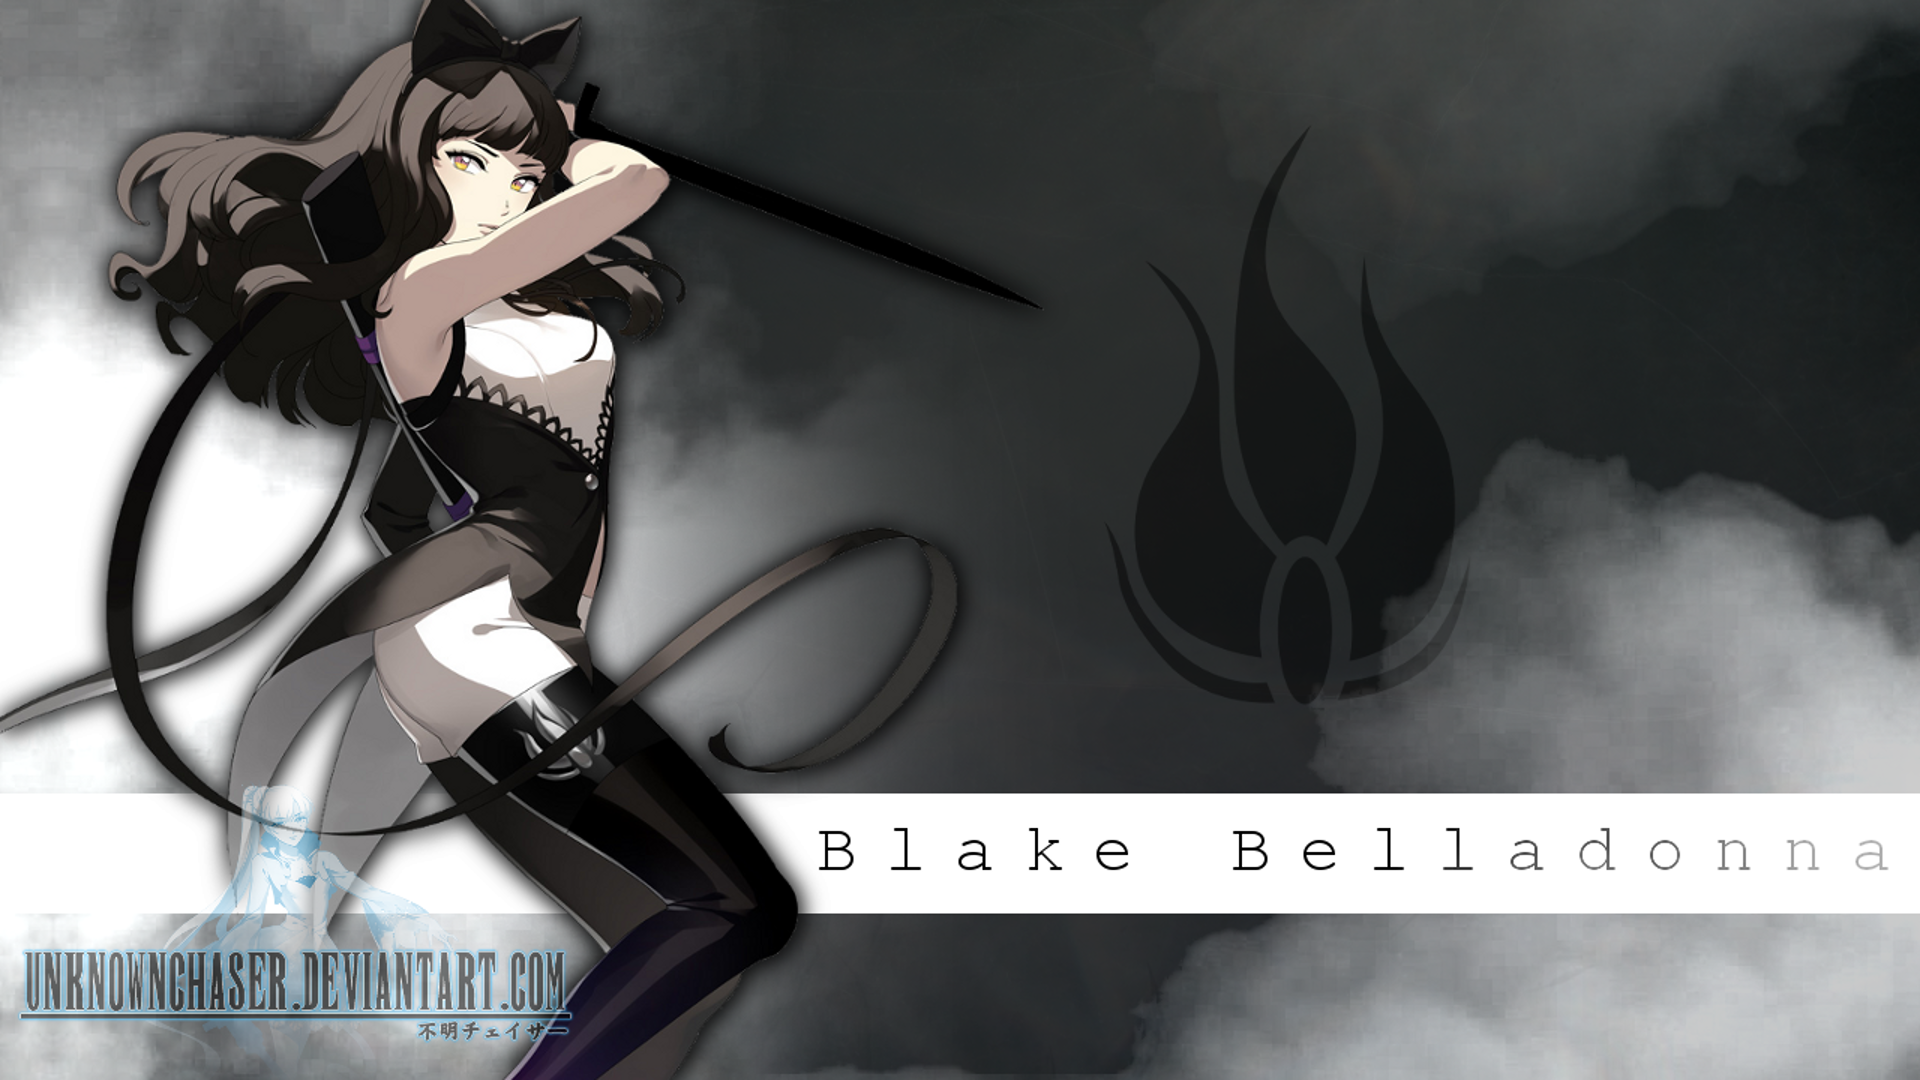 Blake Rwby Wallpaper